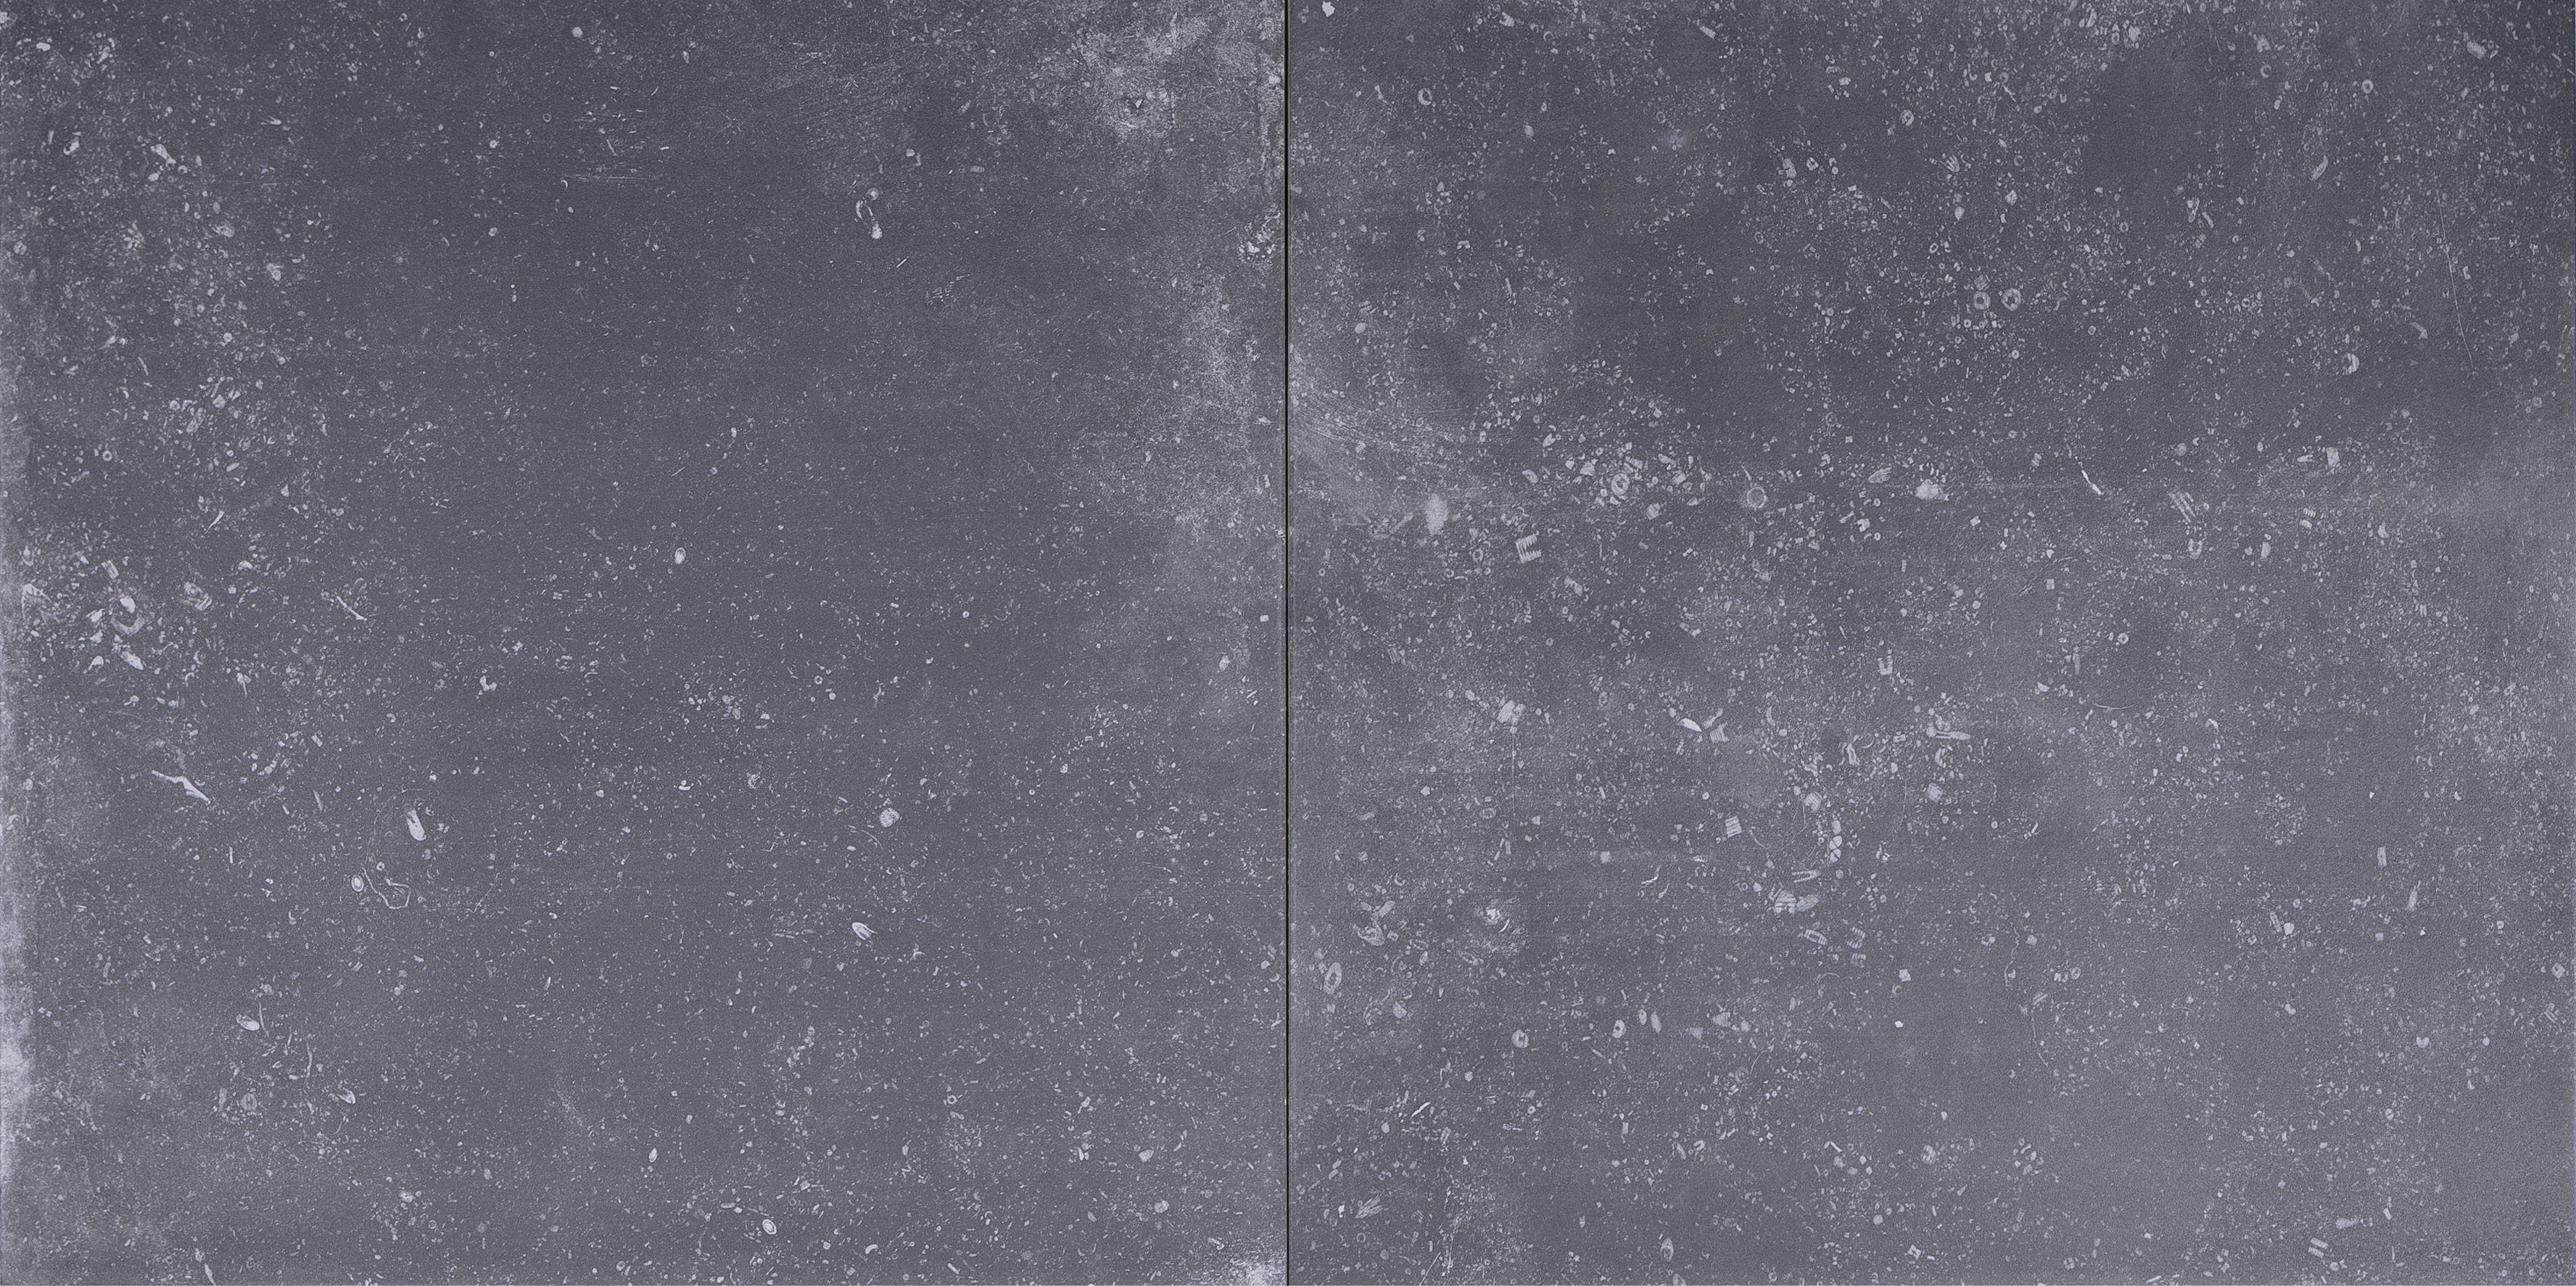 Keramische Tegels 80x80 Prijzen.Geoceramica Belgium Black Keramische Tegel 80x80 Dikte 4 Cm